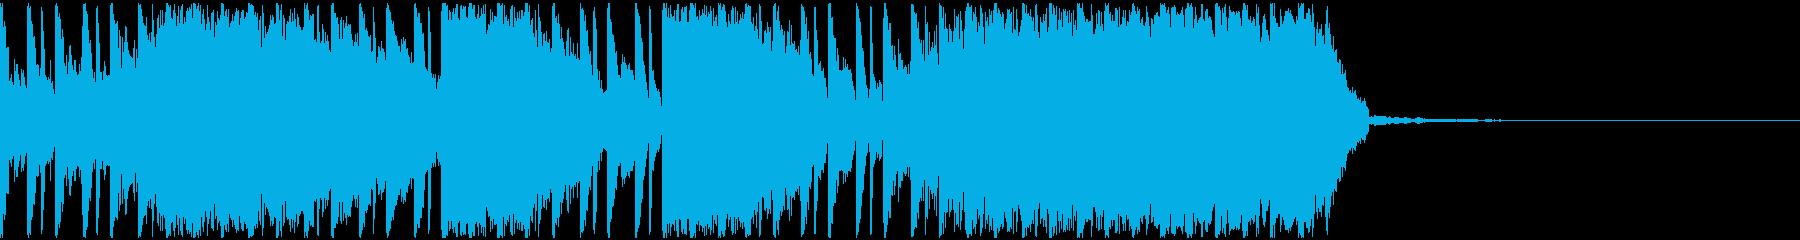 【EDM】約30秒、ジングル1の再生済みの波形